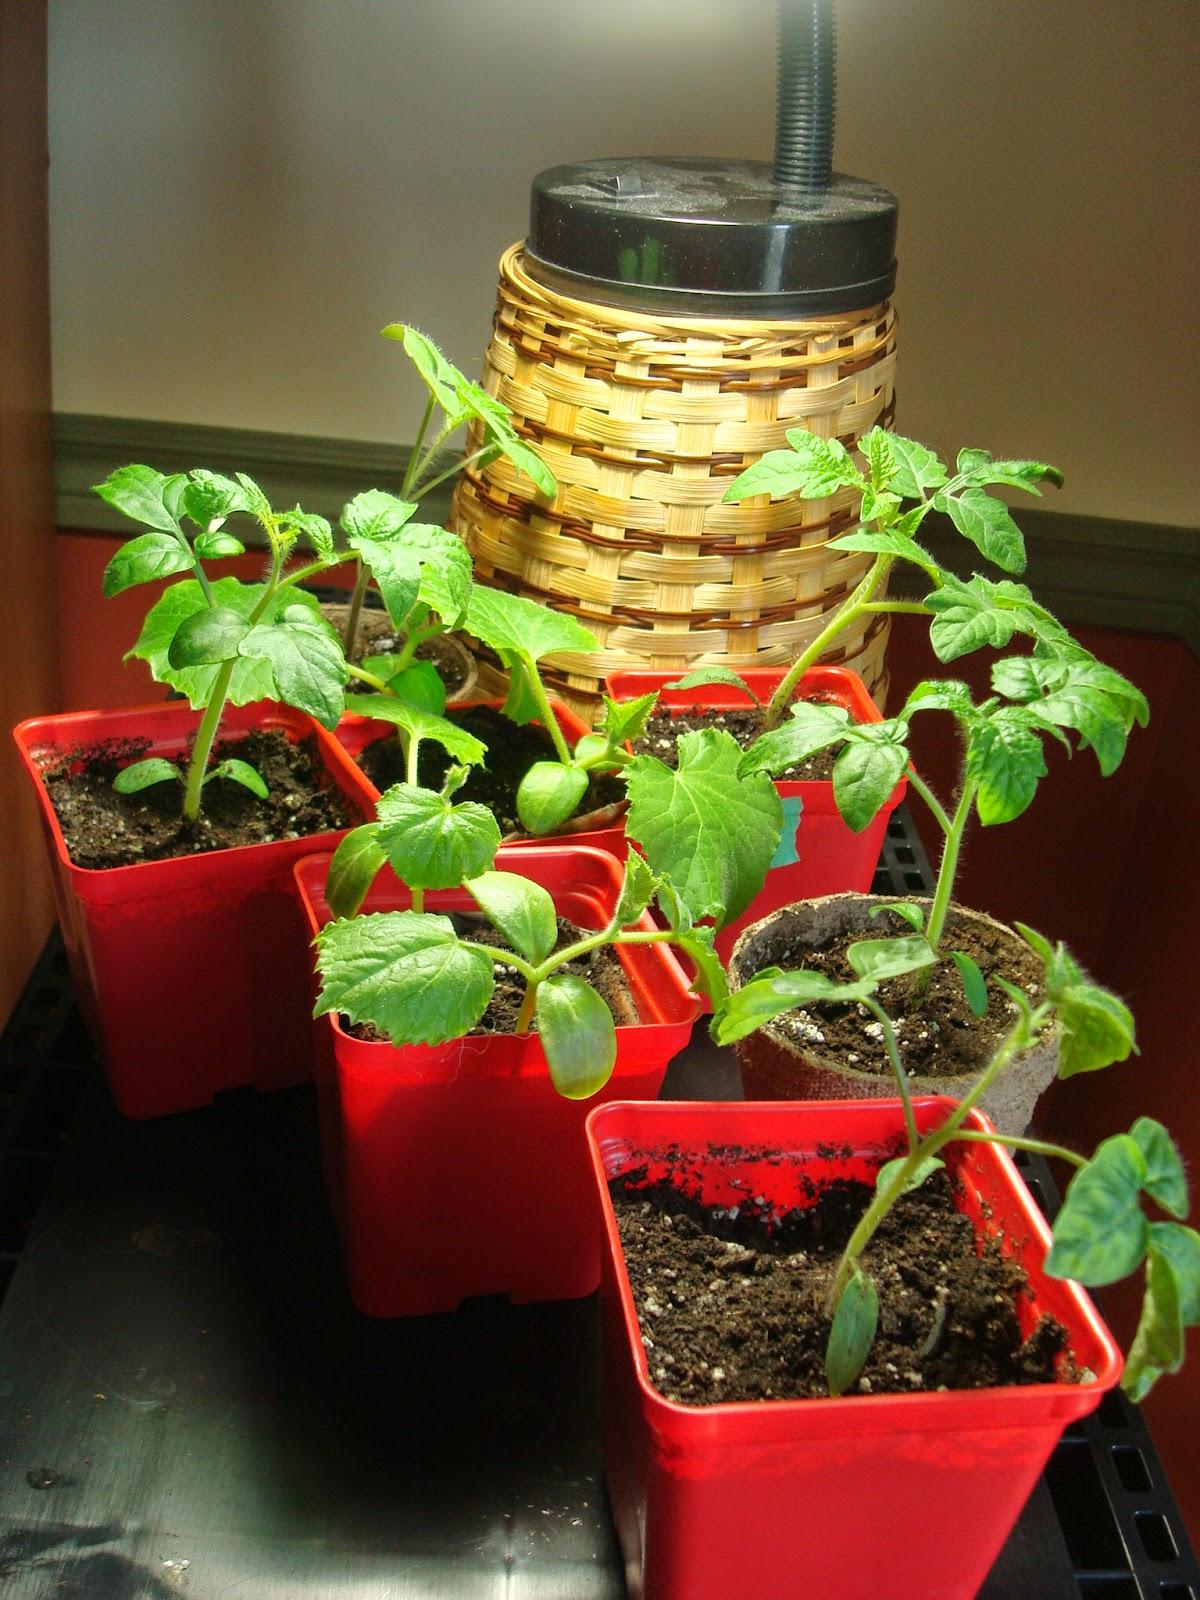 Les aiguilles au jardin au potager en 2014 - Acheter de la paille pour jardin ...